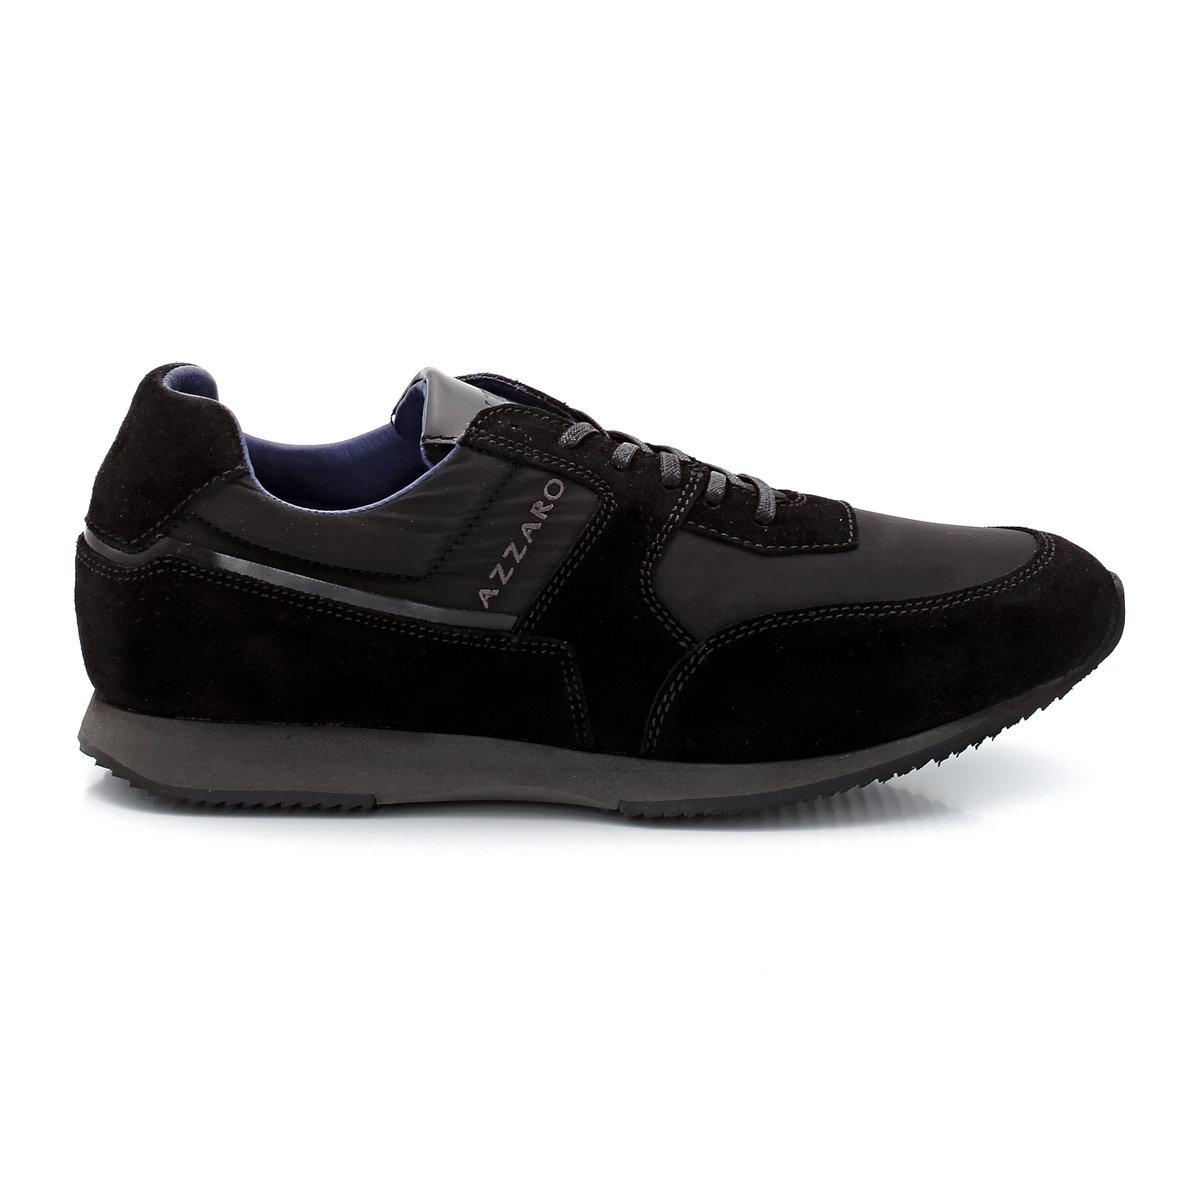 Кеды низкие из велюра и текстиля со шнуровкойУдивительное сочетание спортивного дизайна и городского стиля - в этих удобных кедах Azzaro, которые идеально подойдут к любой одежде кэжуал во время прогулок по городу.<br><br>Цвет: черный<br>Размер: 44